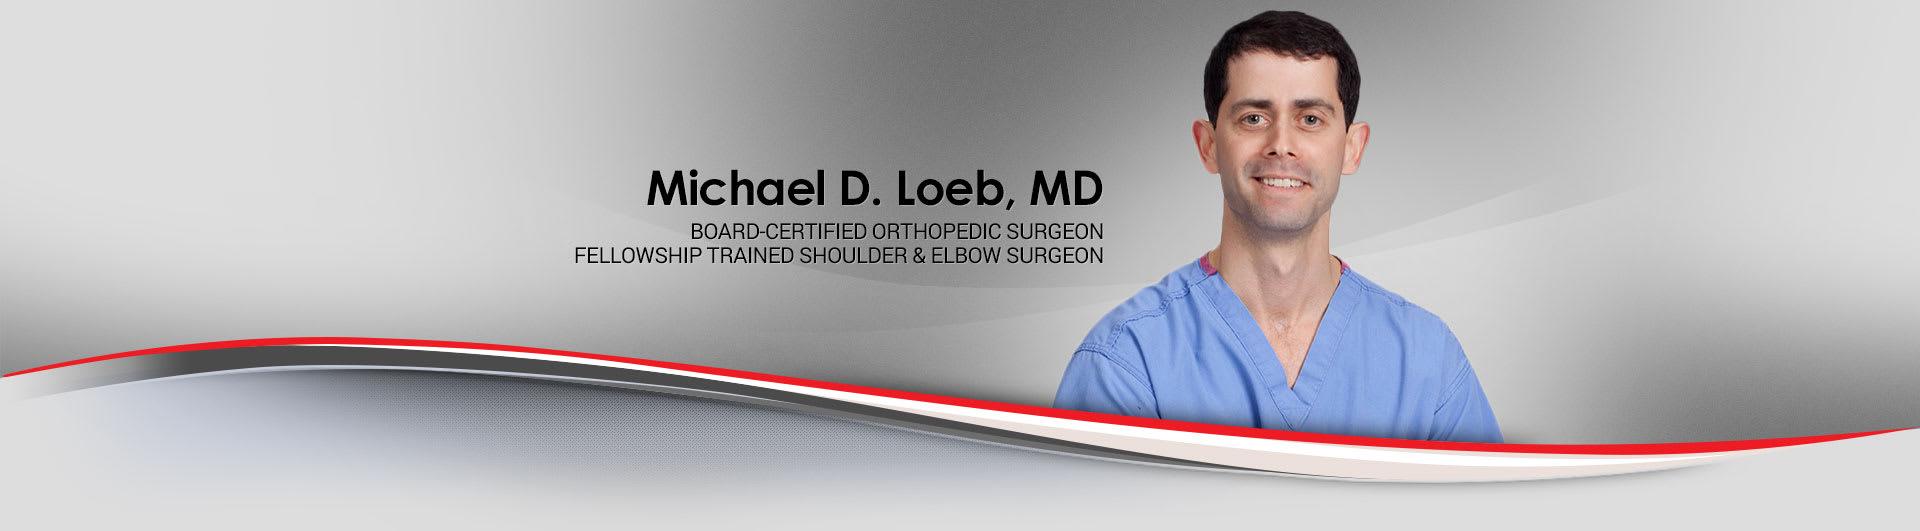 Dr. Michael D Loeb MD